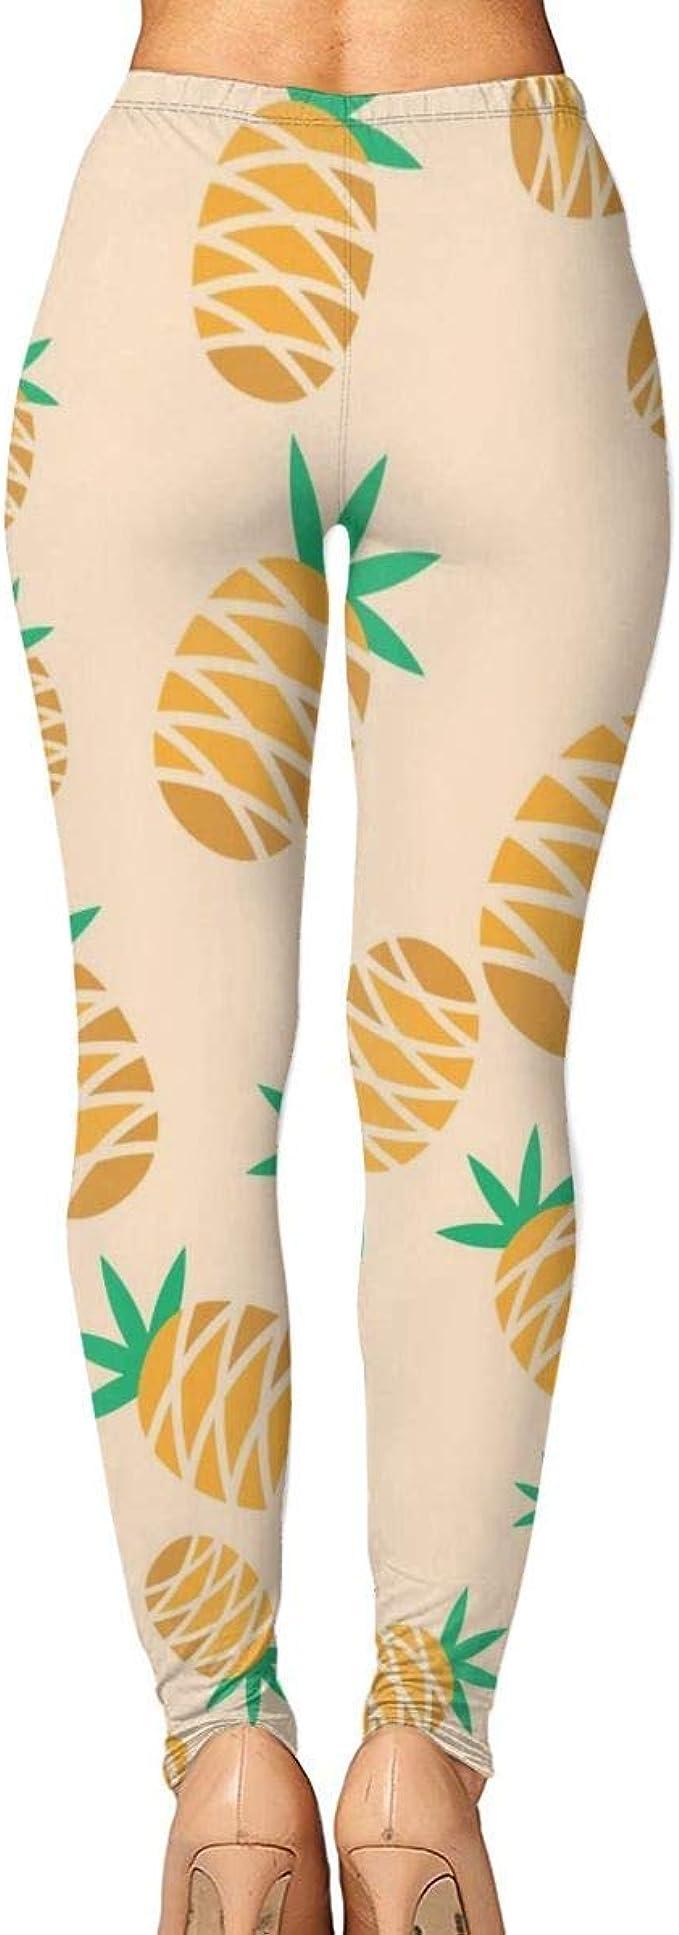 Leggings de Entrenamiento Deportivo con pantalón de Yoga Vector Pineapple Pattern Provide Women with High-Waisted, Leggings de Yoga para Gimnasio Ultra Suaves y livianos: Amazon.es: Ropa y accesorios